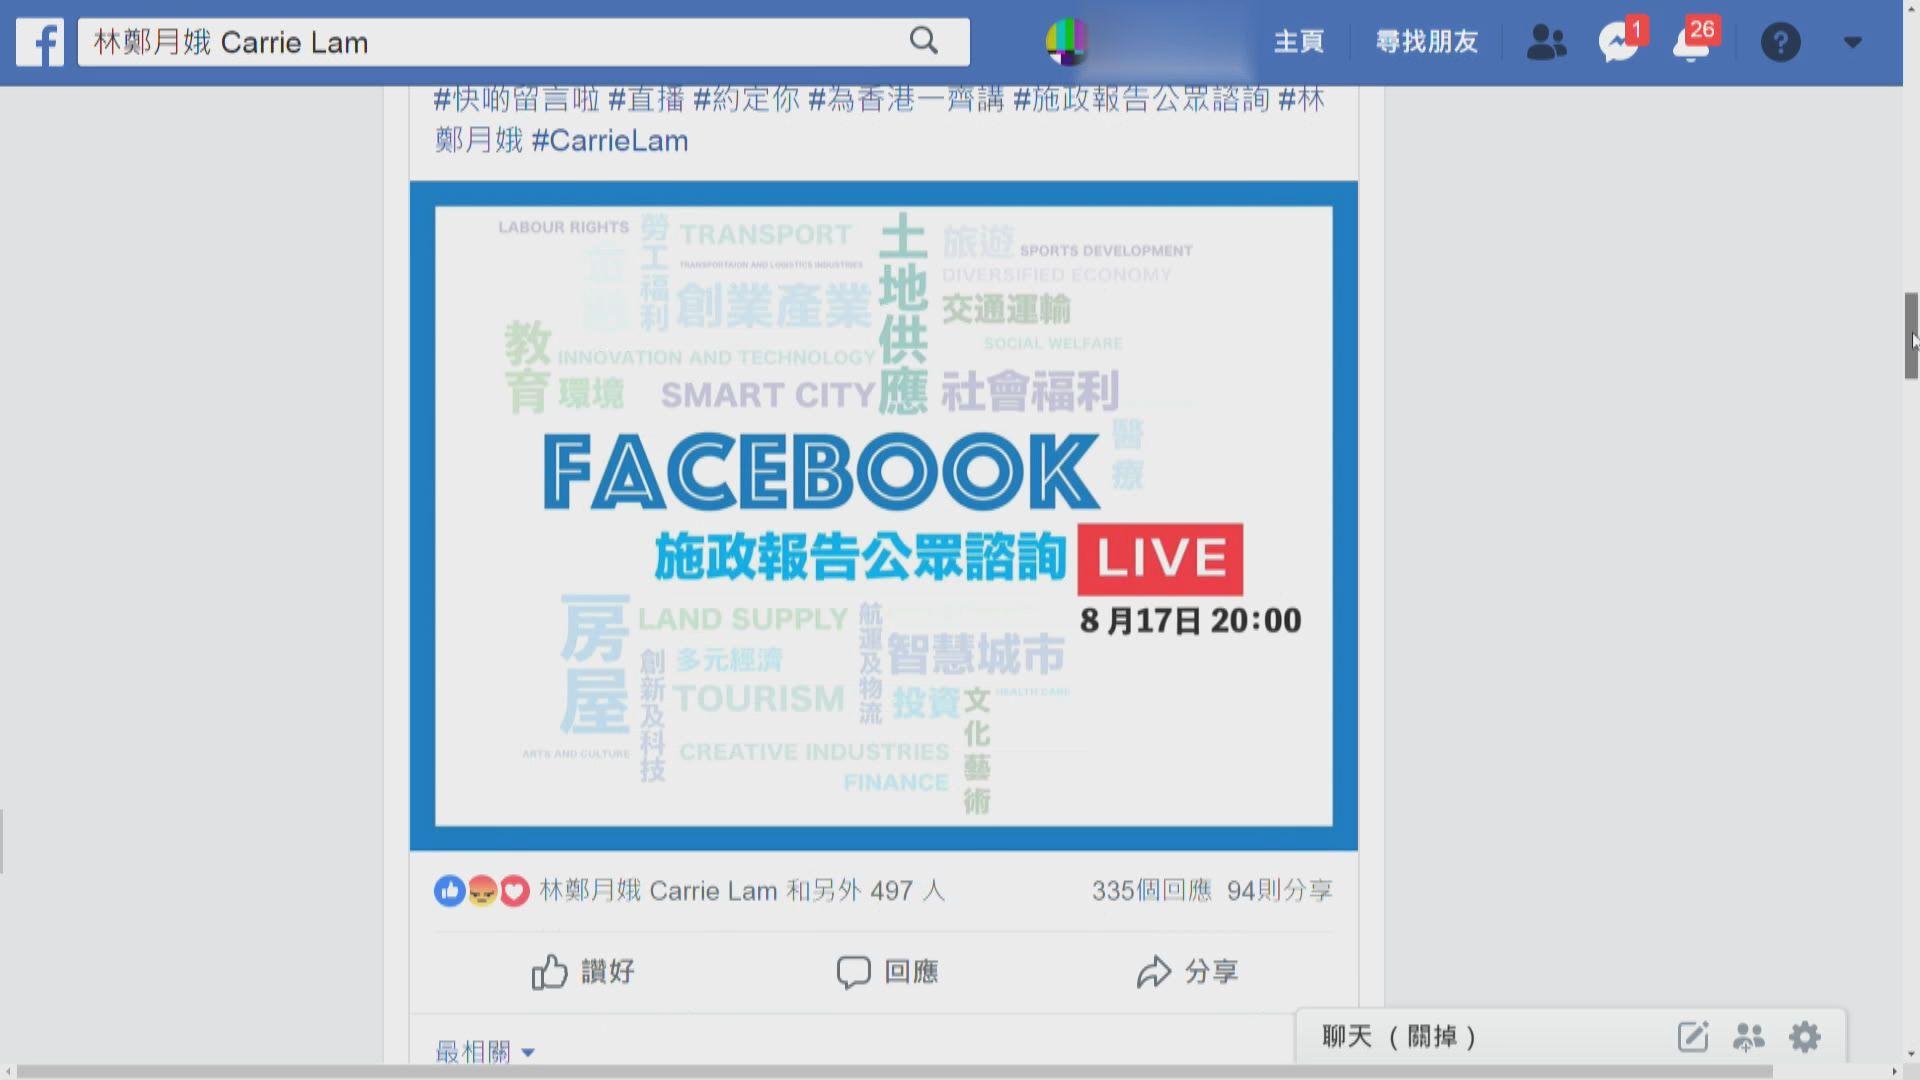 林鄭今晚FB直播 網民促改善住屋削單程證